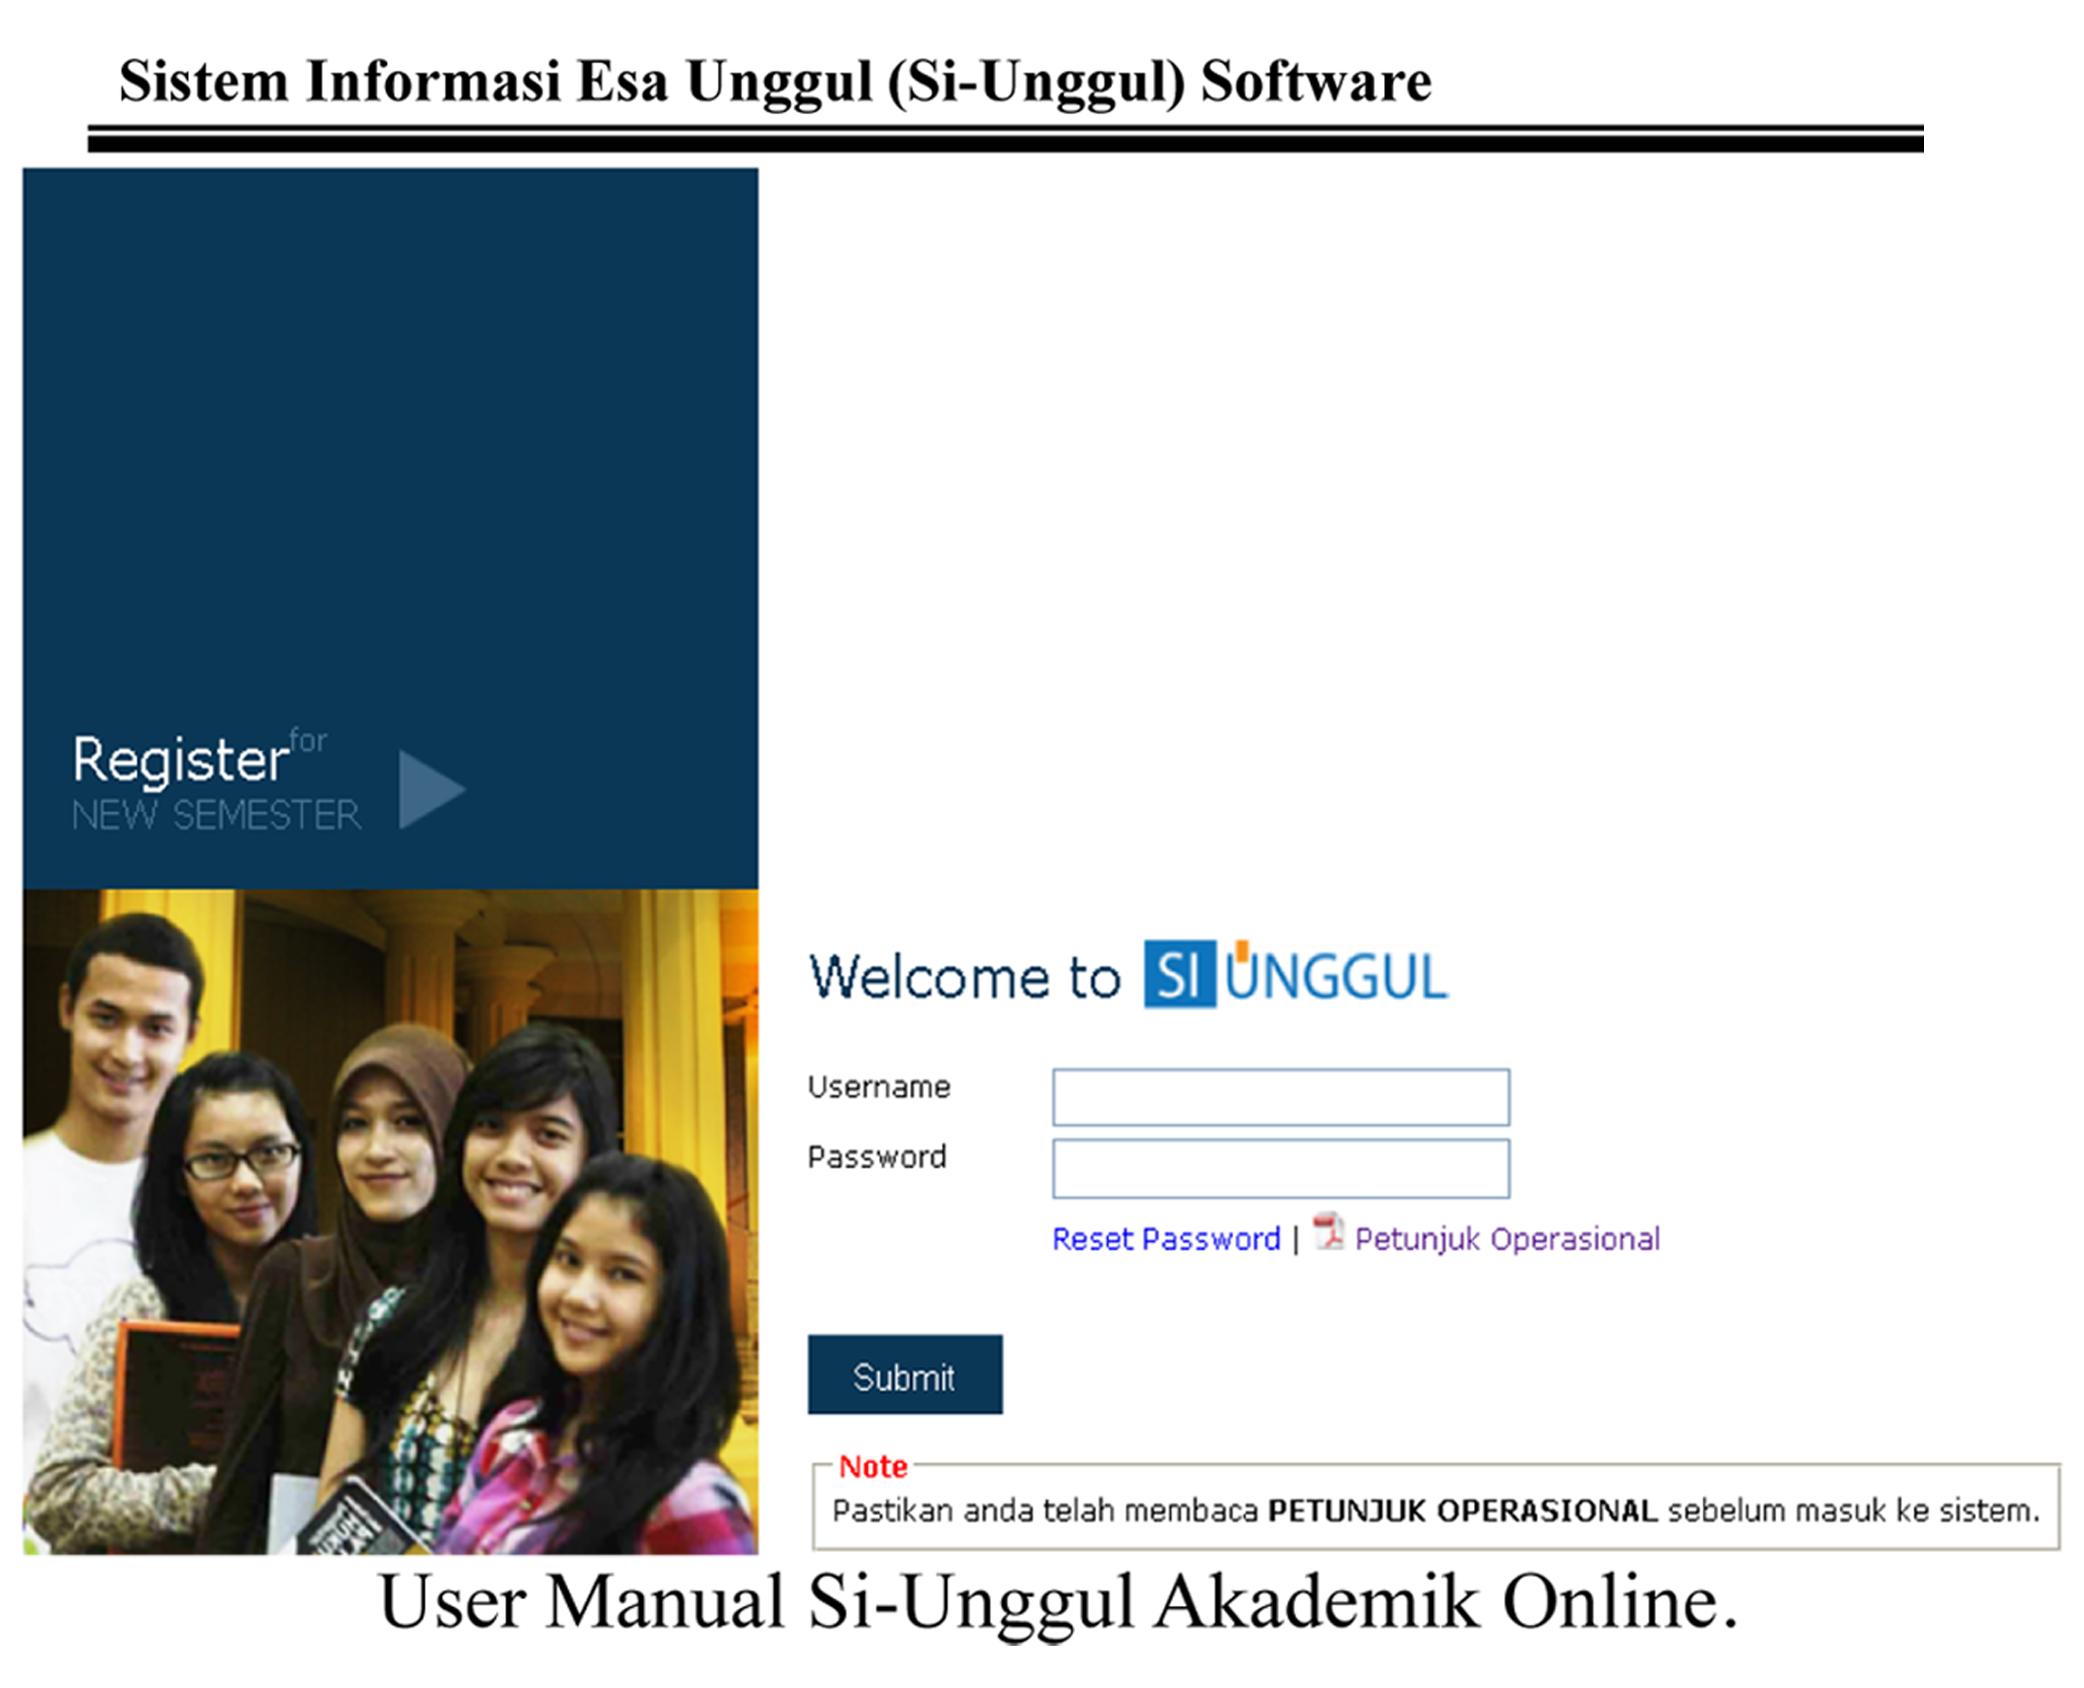 User Manual Sistem Informasi Esa Unggul (Si – Unggul)